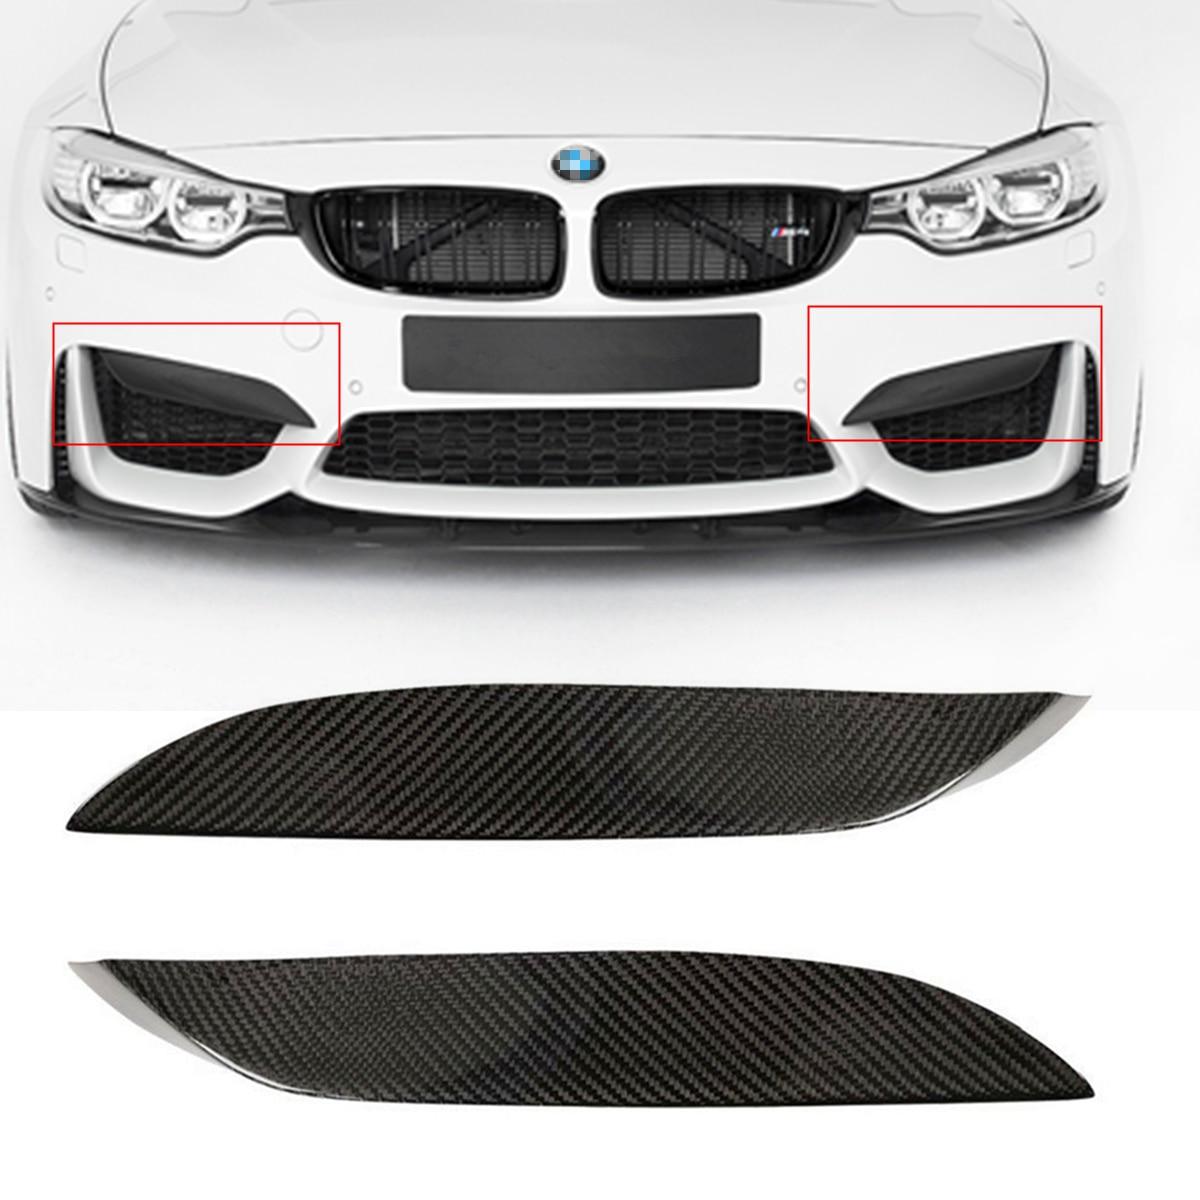 Universel De Voiture Pare-chocs Avant Lip Fit Pour BMW F80 M3 CF Réel En Fiber De Carbone Face Supérieure Splitter Canards Lèvre Avant pare-chocs Protecteur